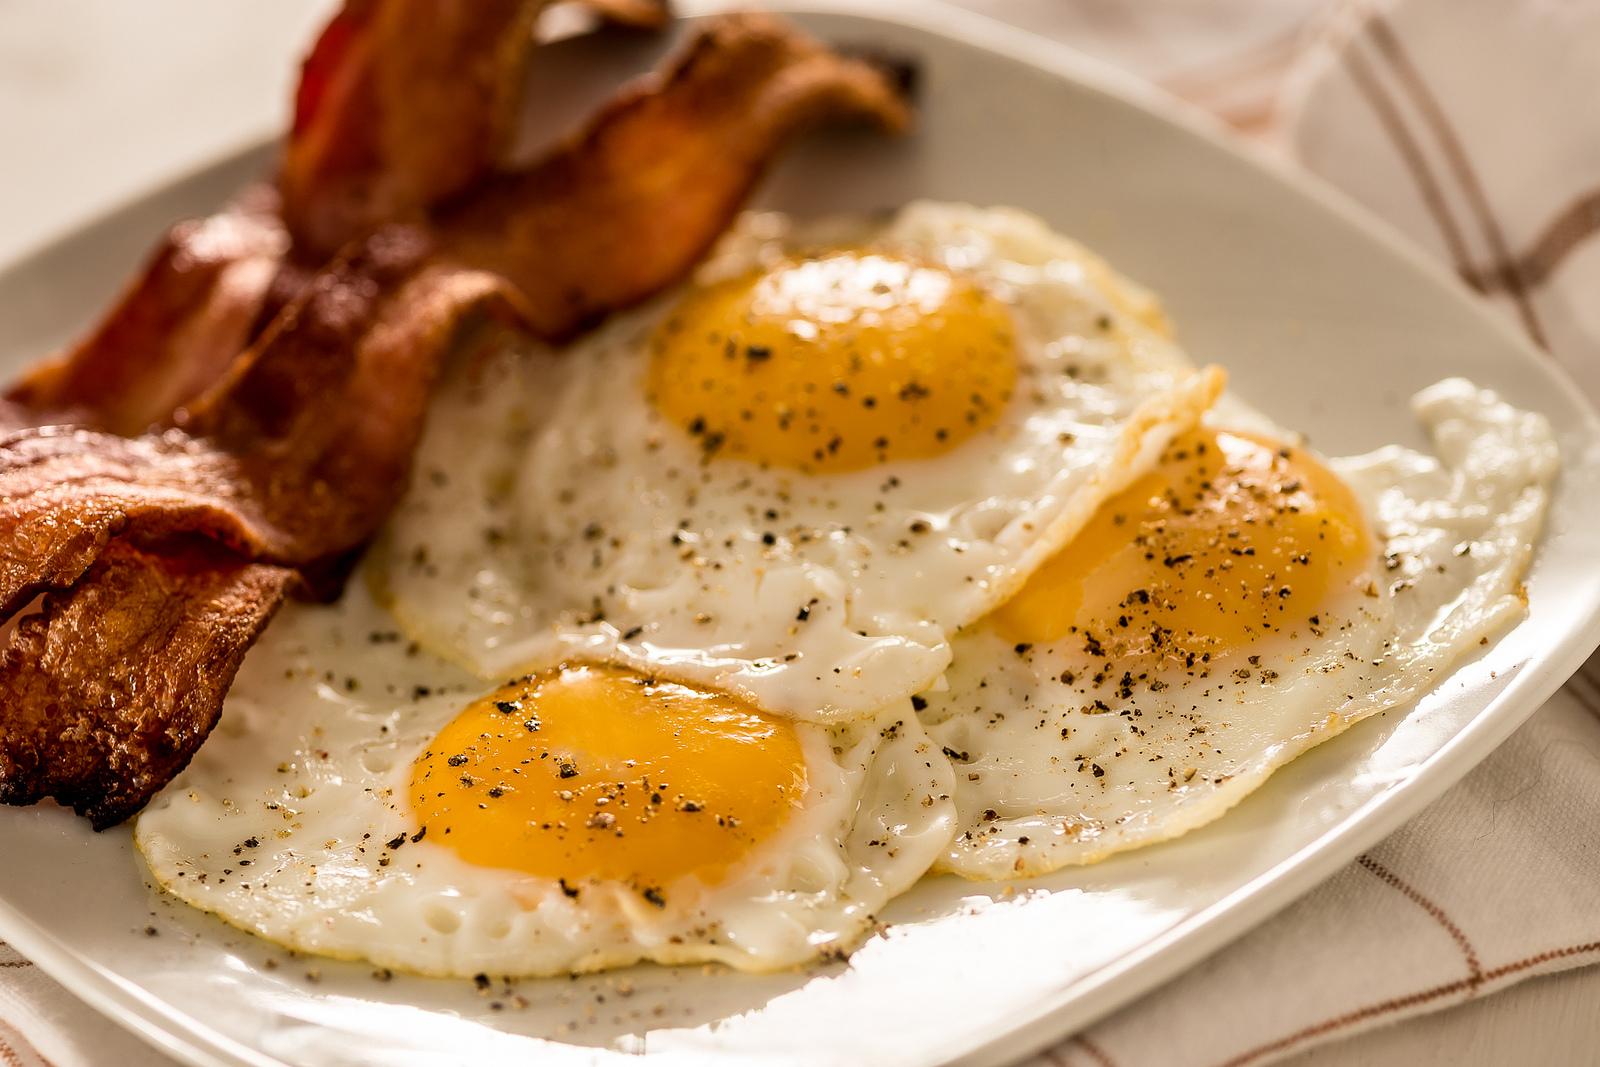 Tocino y huevos - 1600x1067